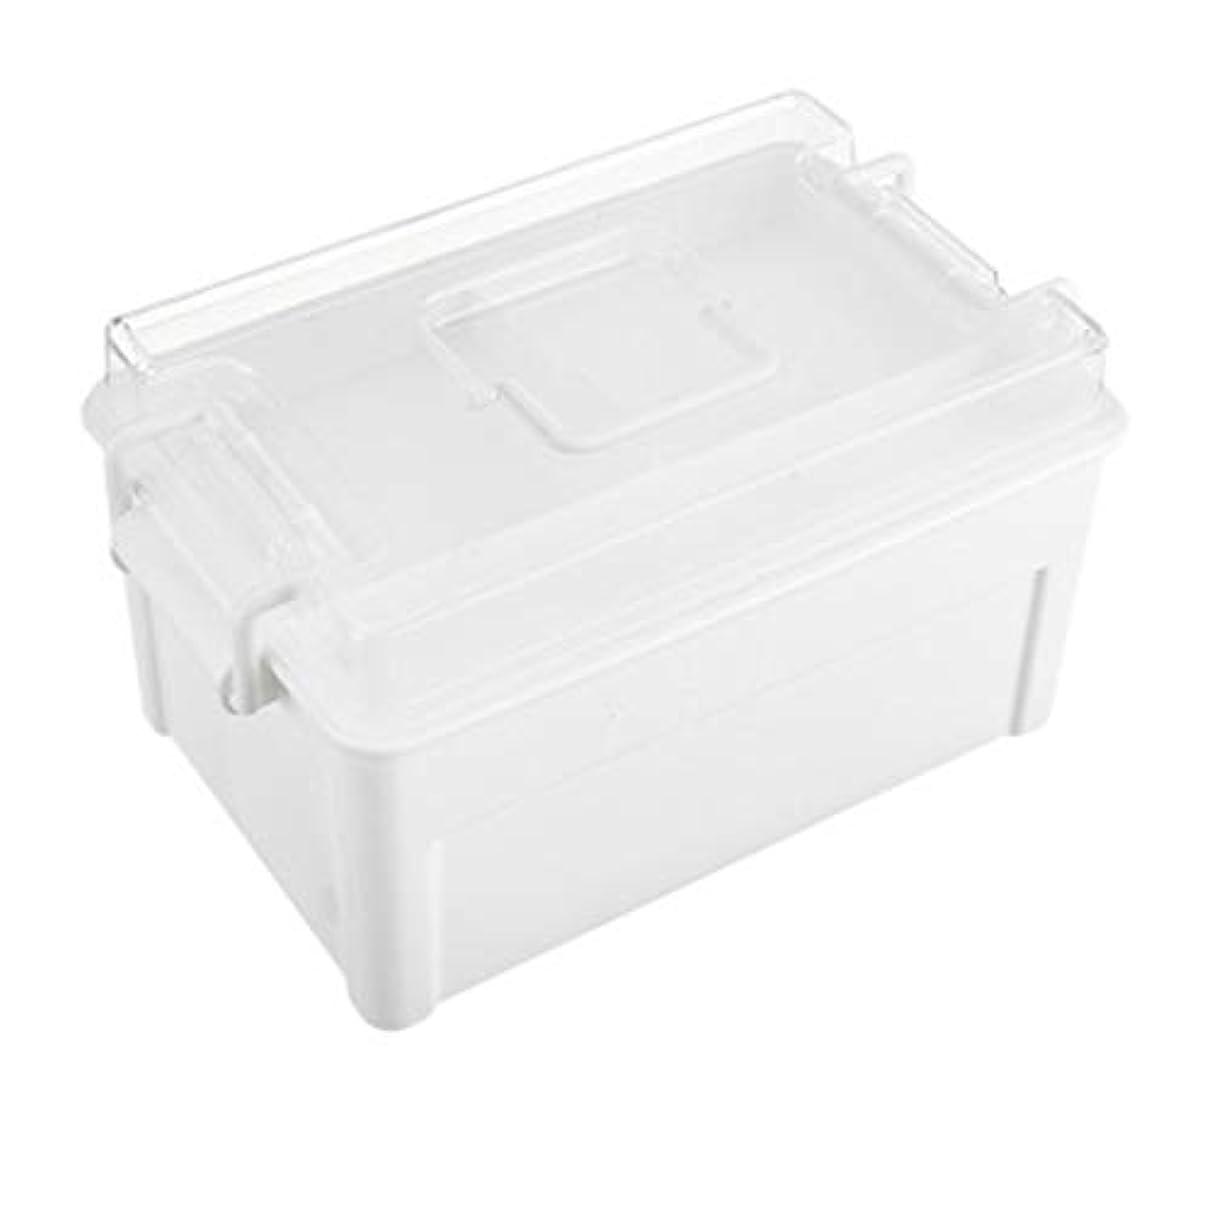 シャックルトロイの木馬悪党YYFRB 家庭用プラスチック薬箱多層超大型薬箱ポータブル透明収納キット 医学パッケージ